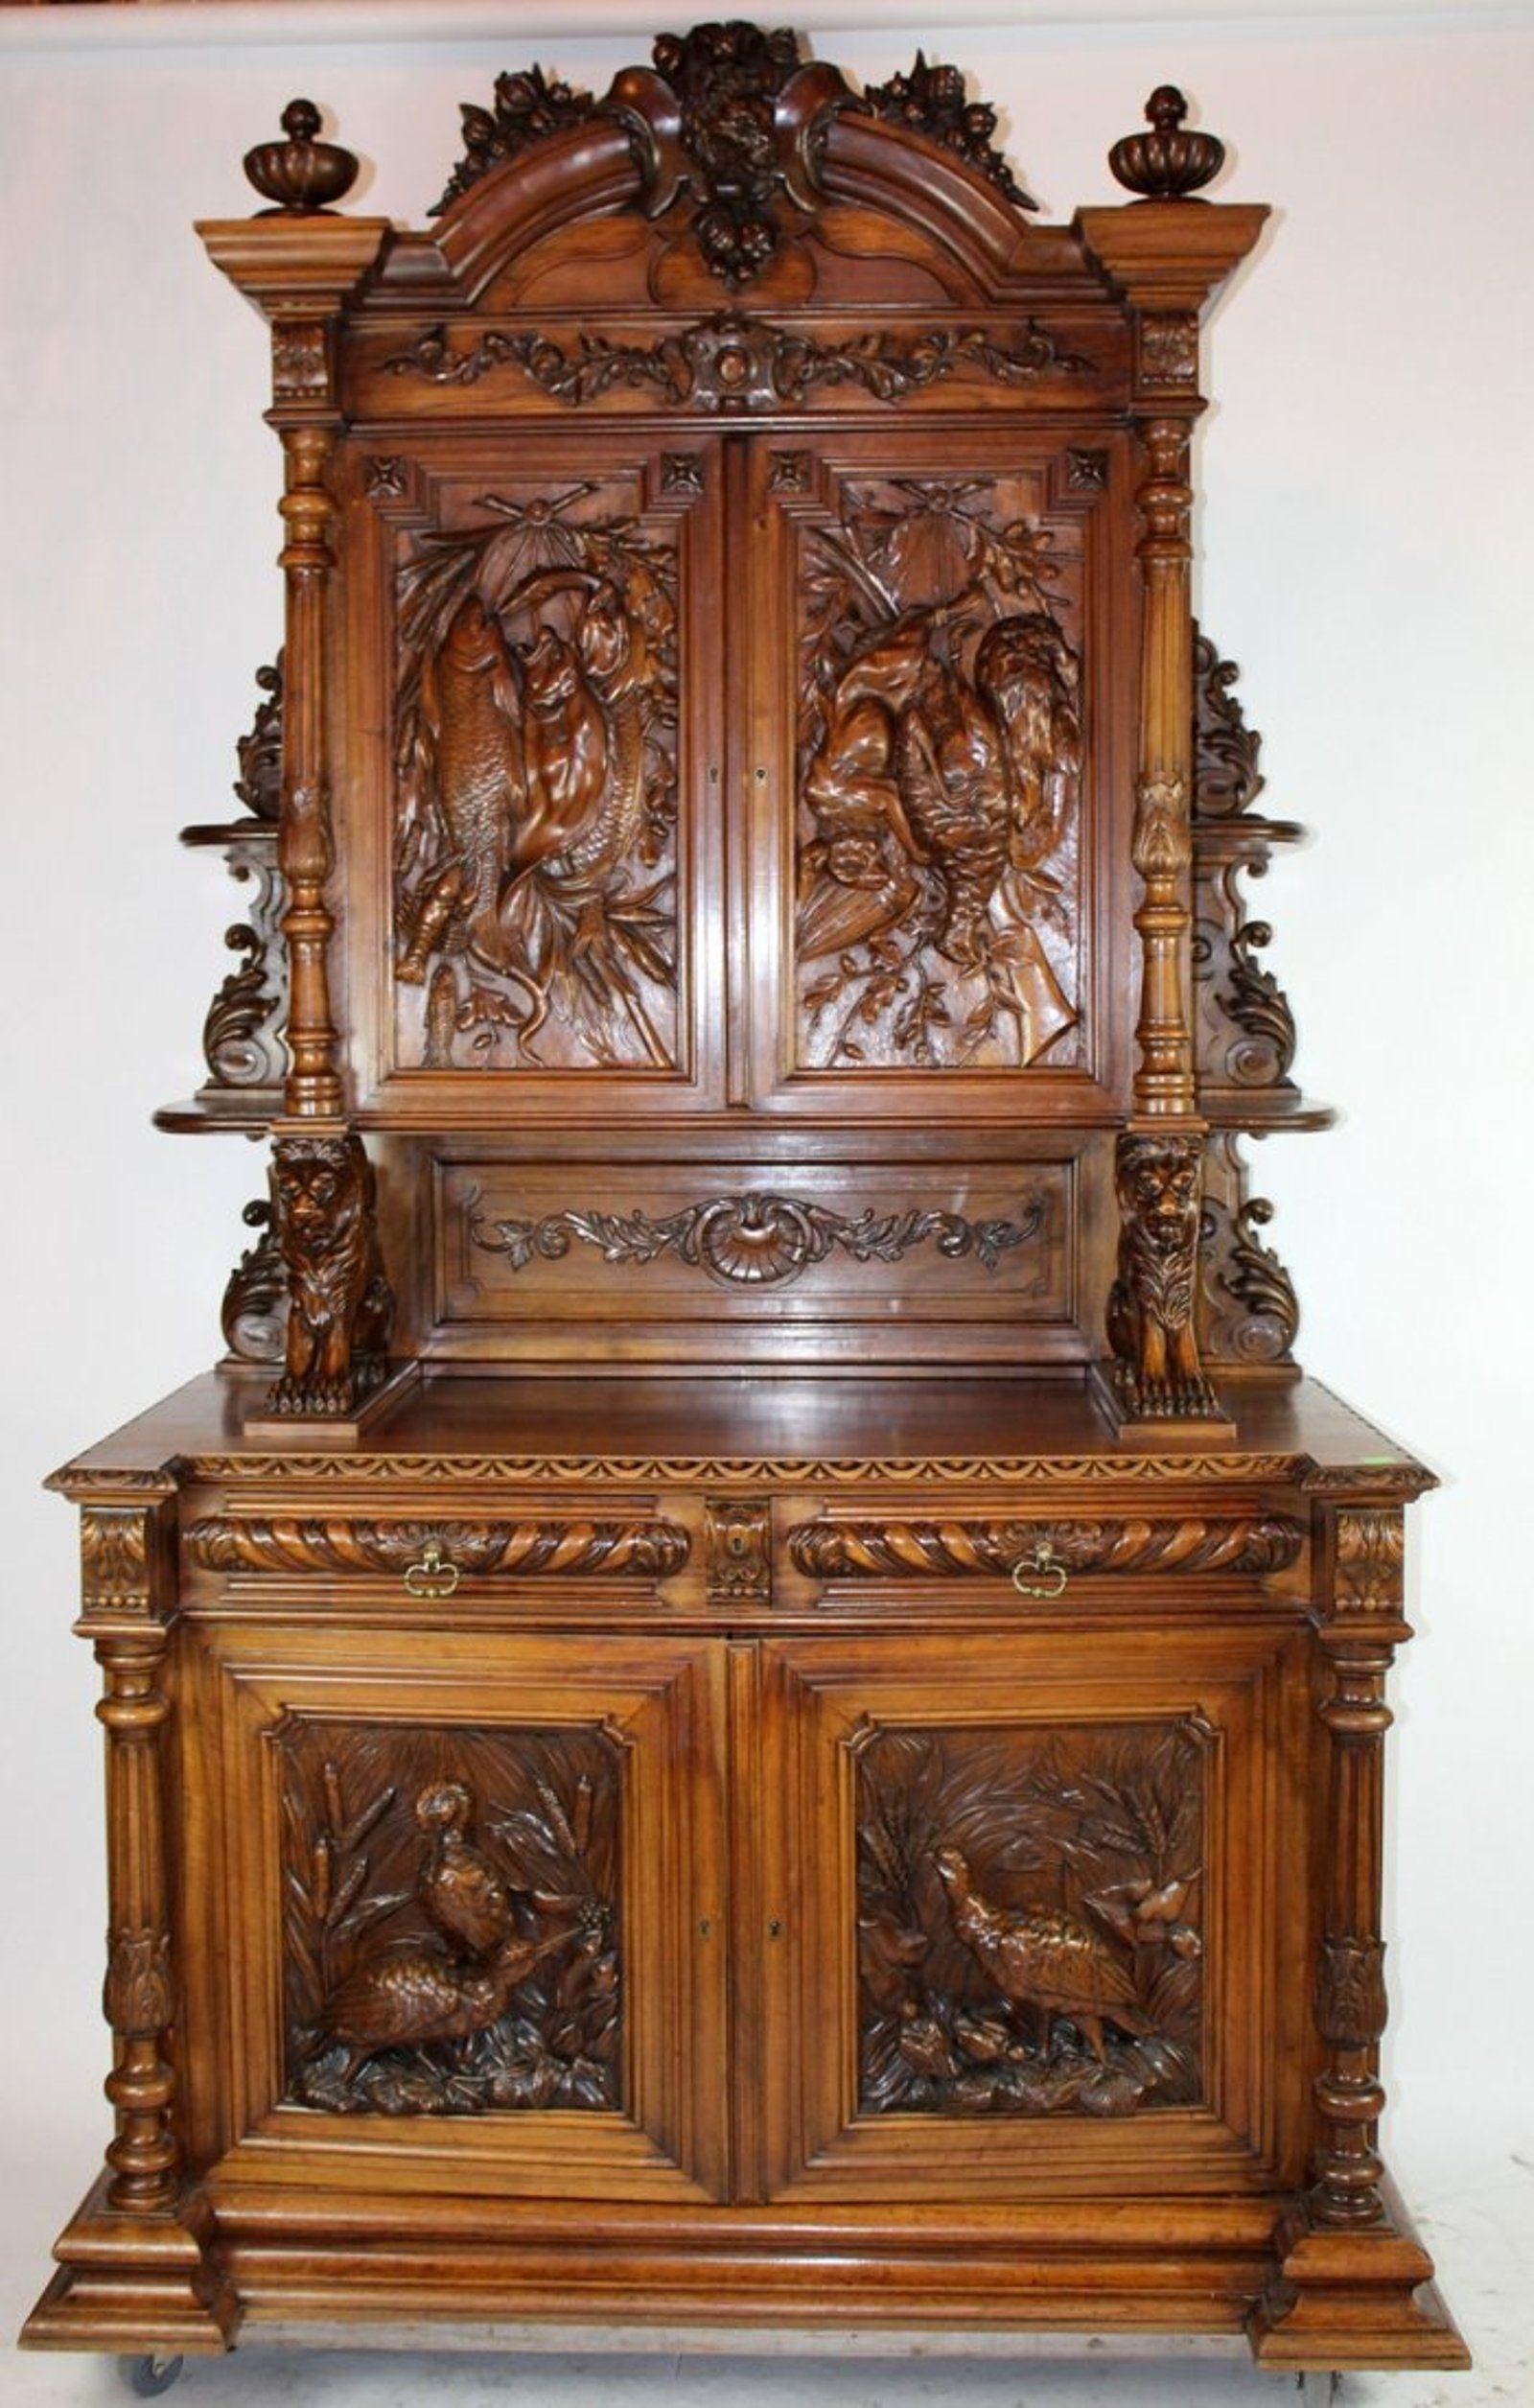 Pcs european wood carving applique furniture vintage home decor